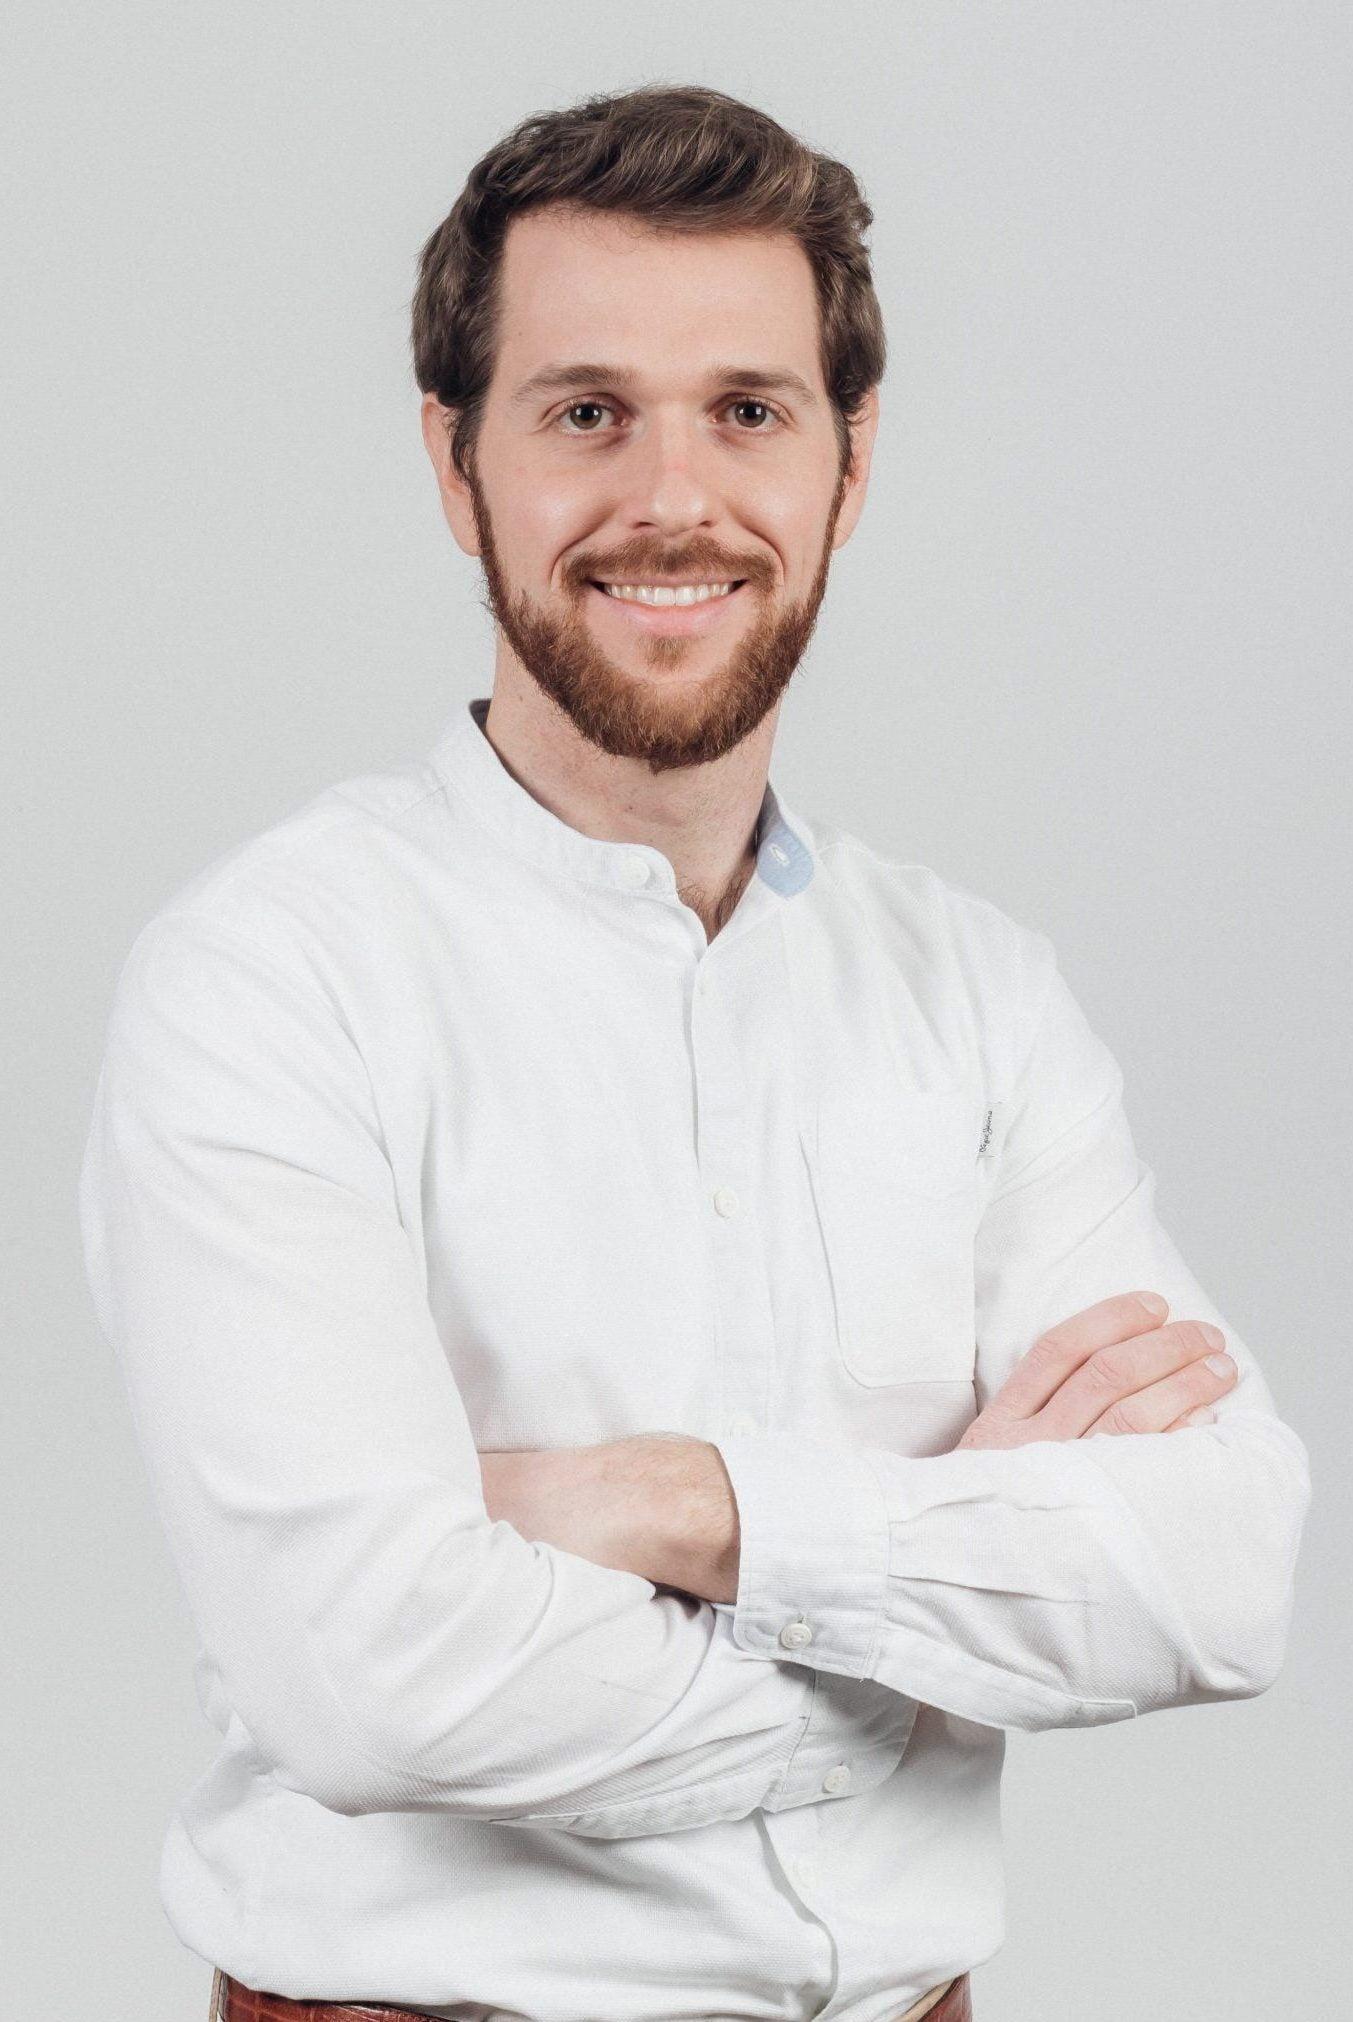 Nicola Salmaso - etc engineering solutions progettazione controllo processi efficientamento impiantii acque reflue trento ingegneria